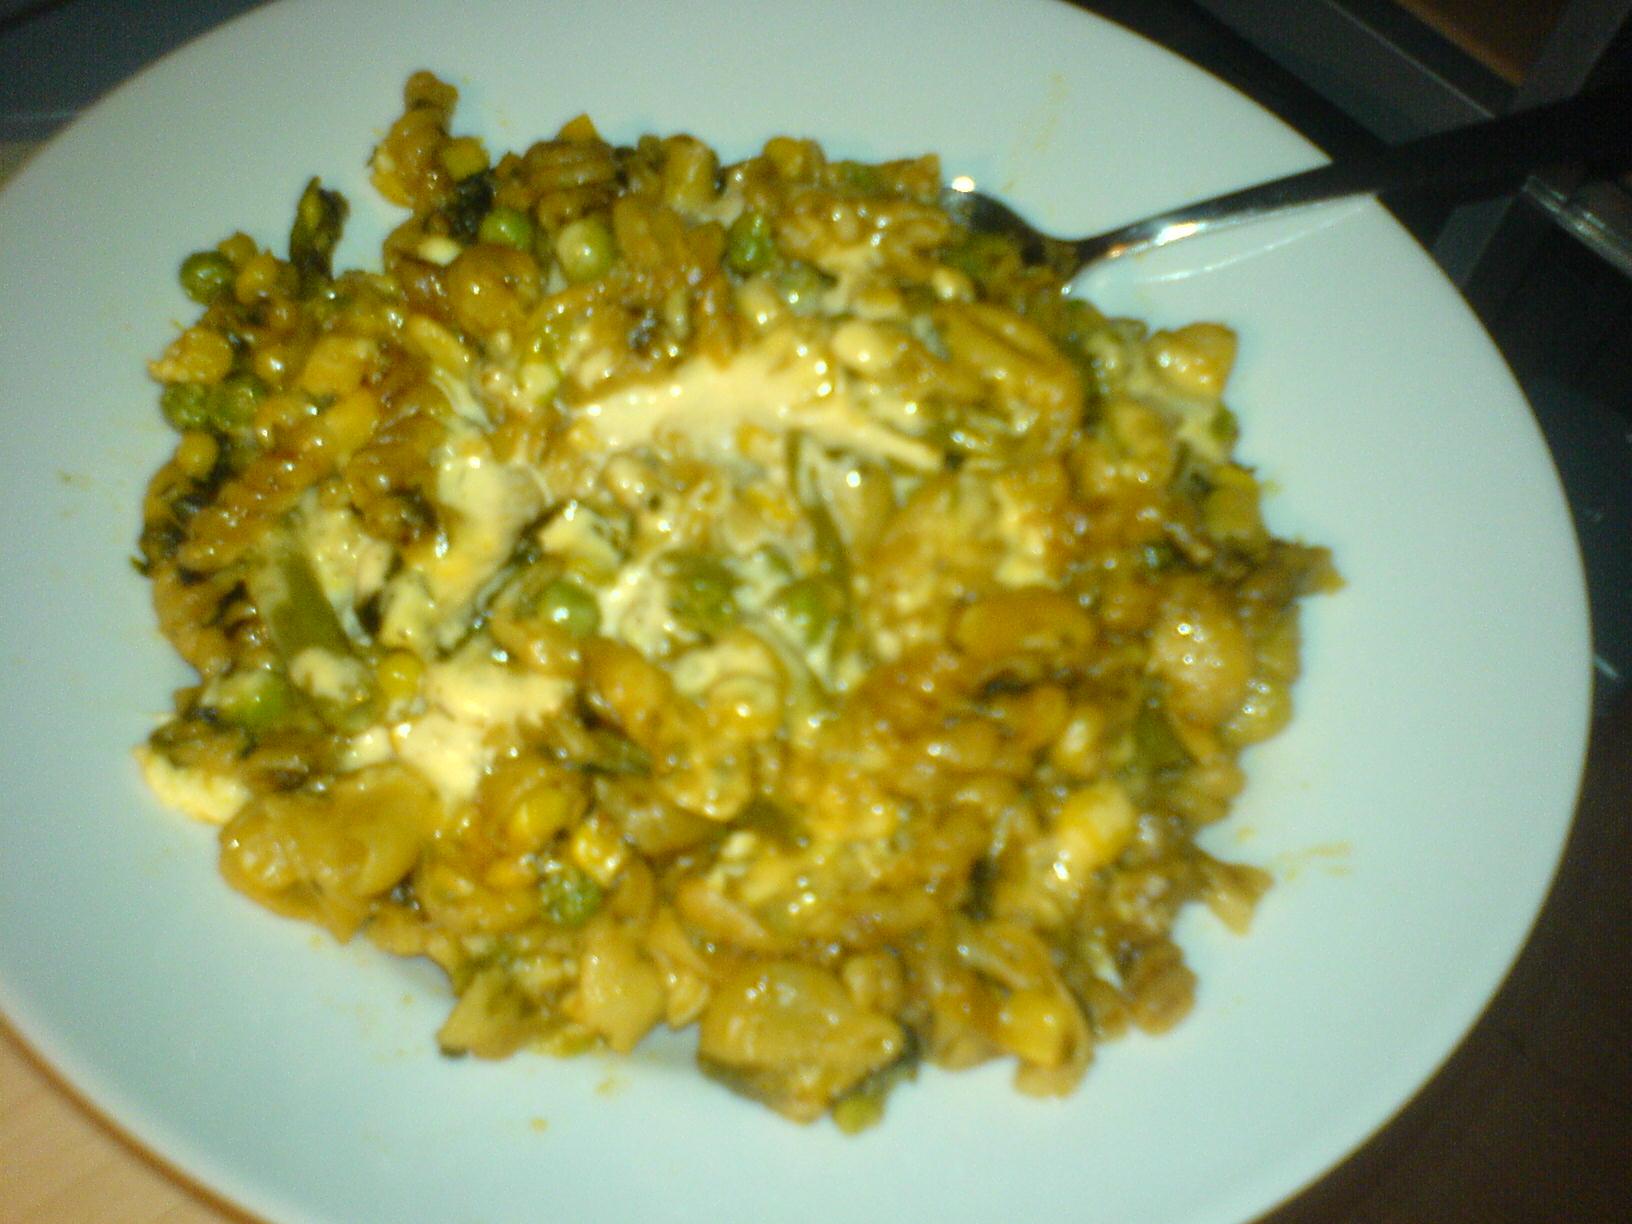 http://foodloader.net/Holz_2010-03-16_Nudelgemuesepampe.jpg